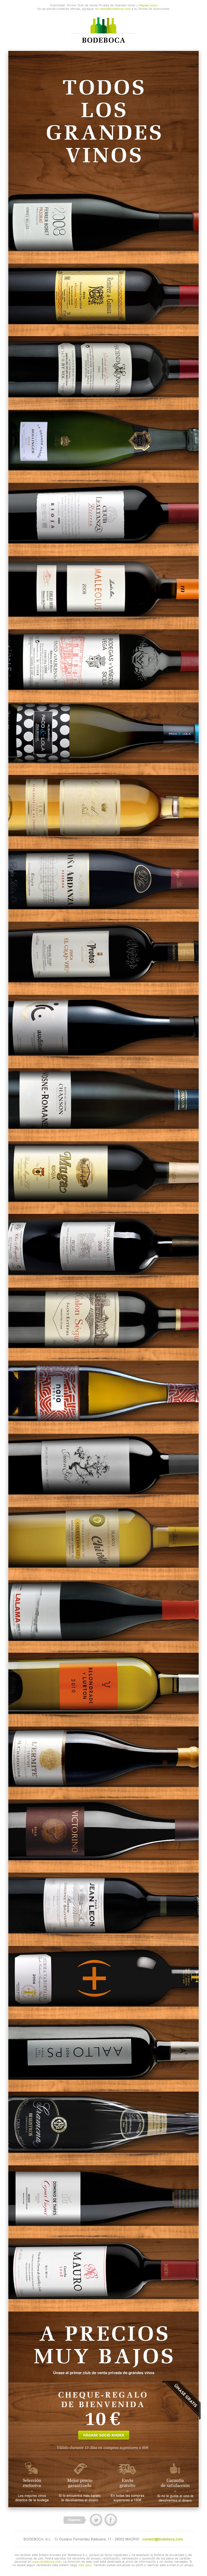 http://www.bodeboca.com/user/register Newsletter diseñado para BODEBOCA, el primer club de venta privada de grandes vinos. #email #marketing #newsletter #design